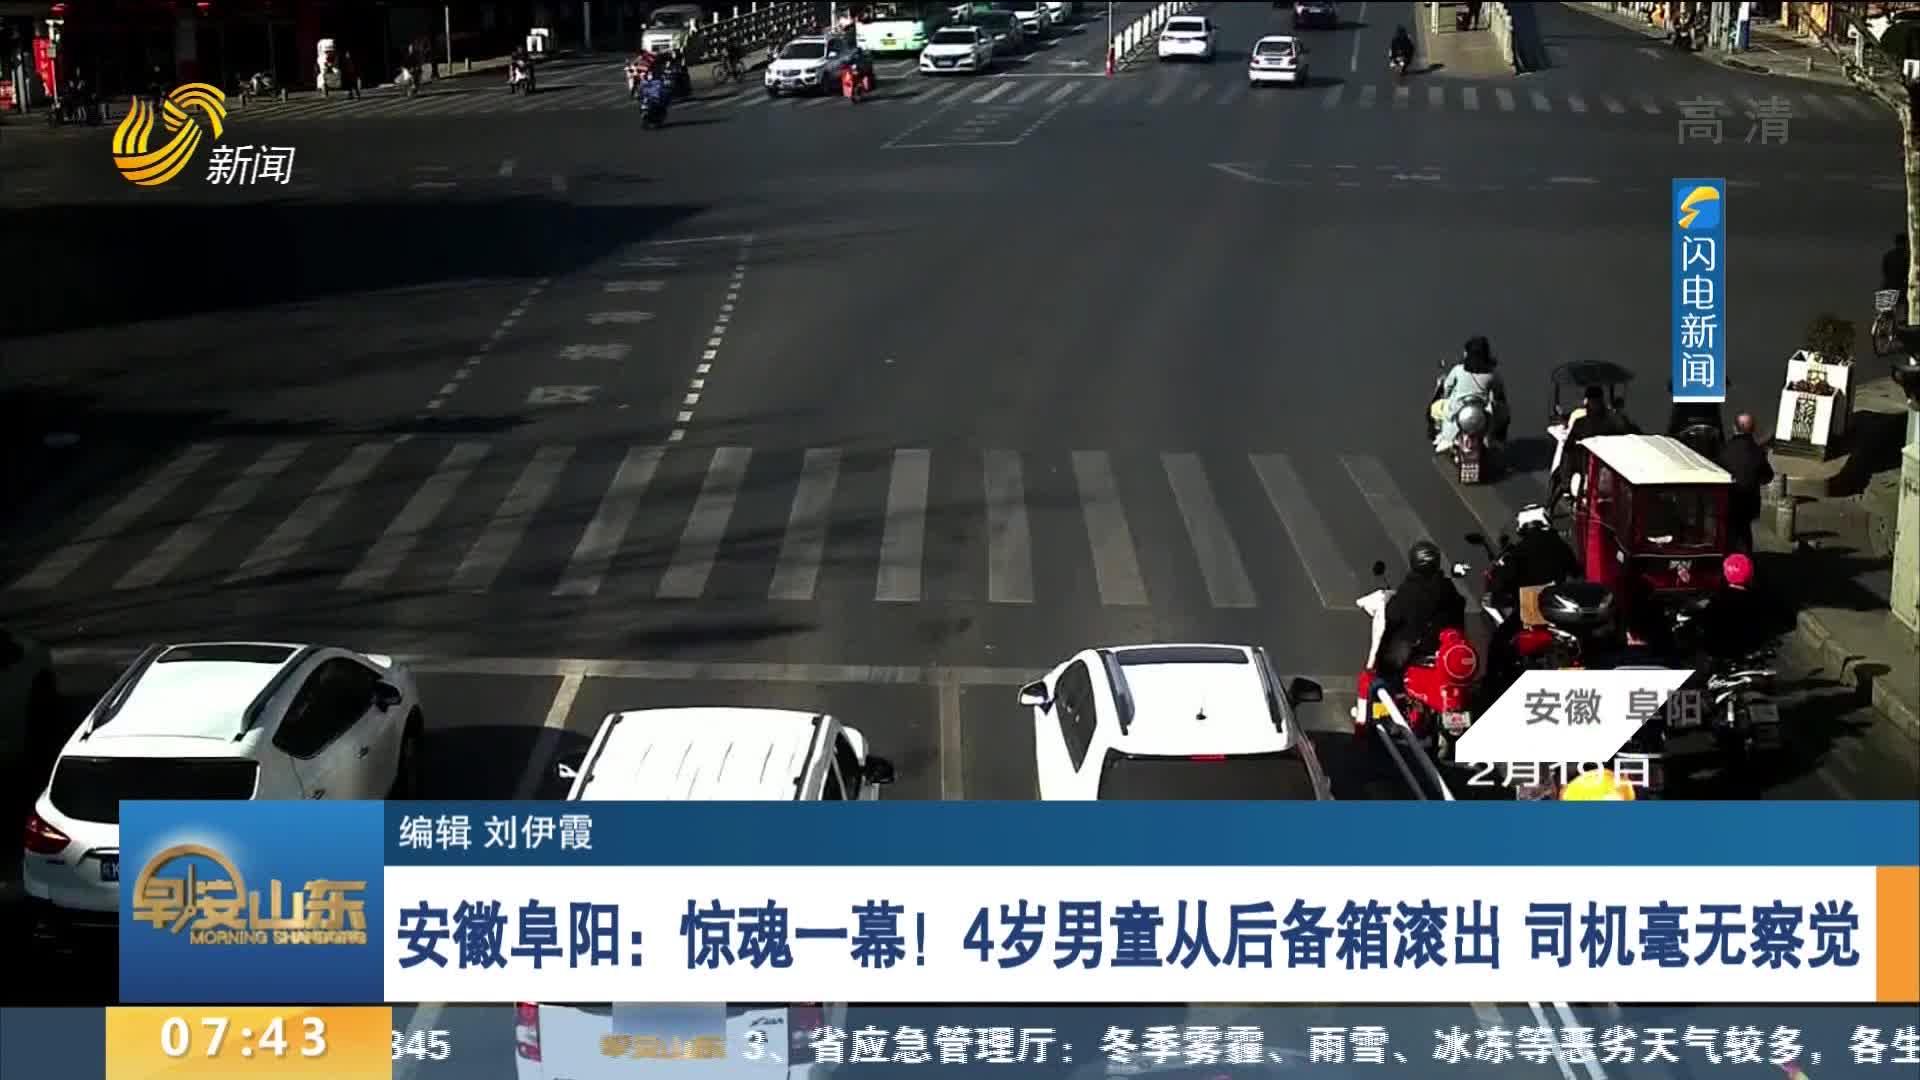 安徽阜阳:惊魂一幕!4岁男童从后备箱滚出 司机毫无察觉